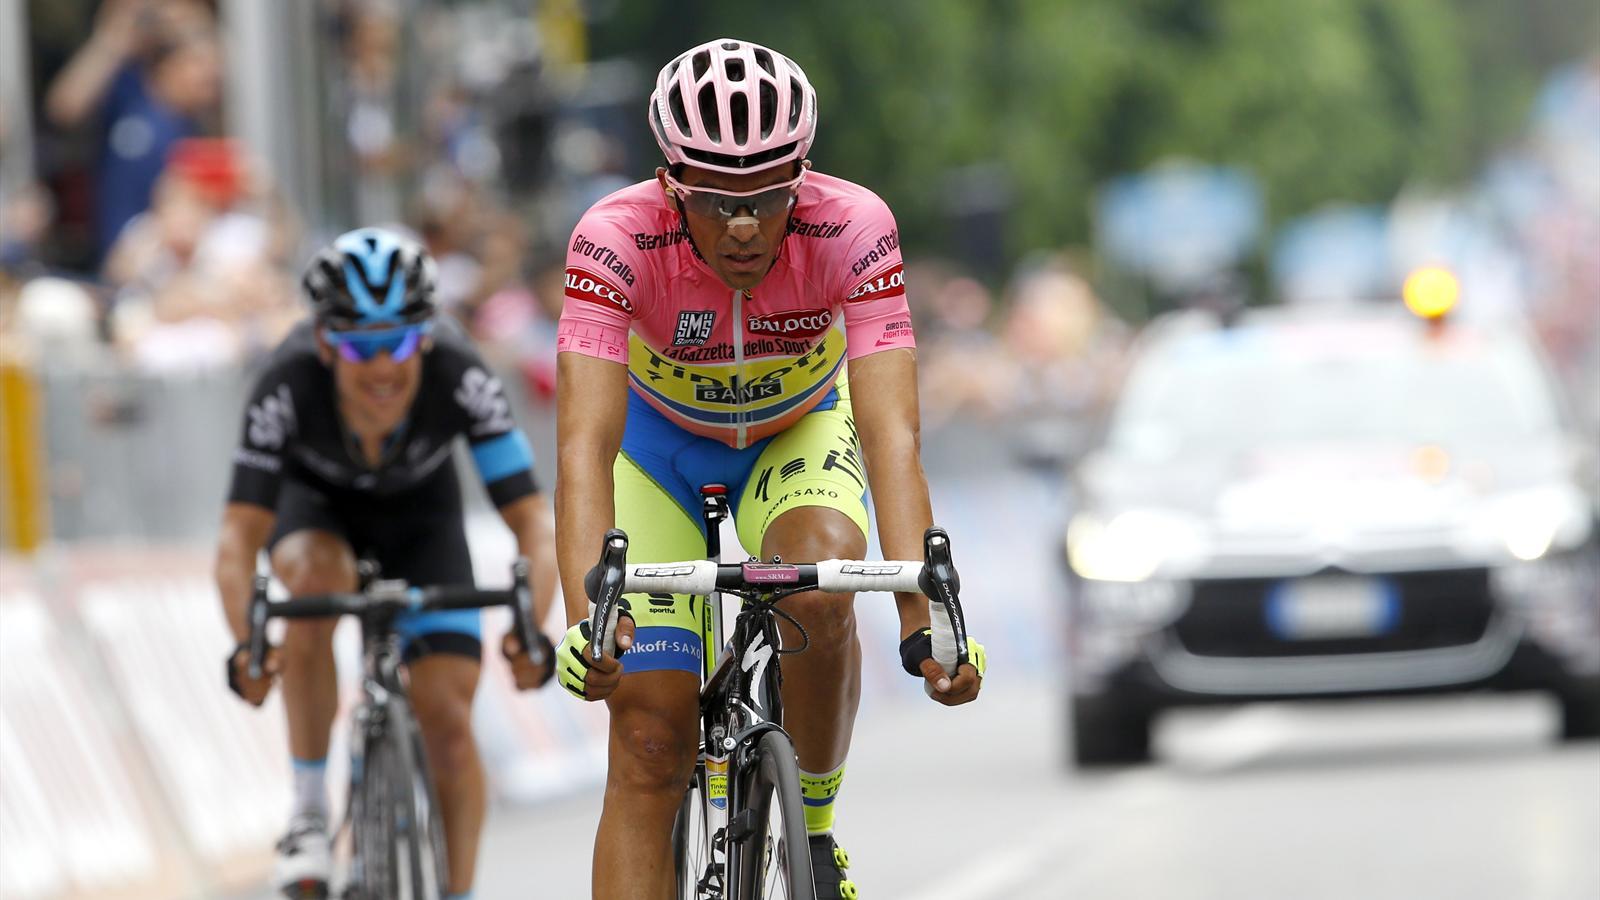 Giro d'Italia, il bilancio della prima settimana: sorpresa Formolo, Contador si difende